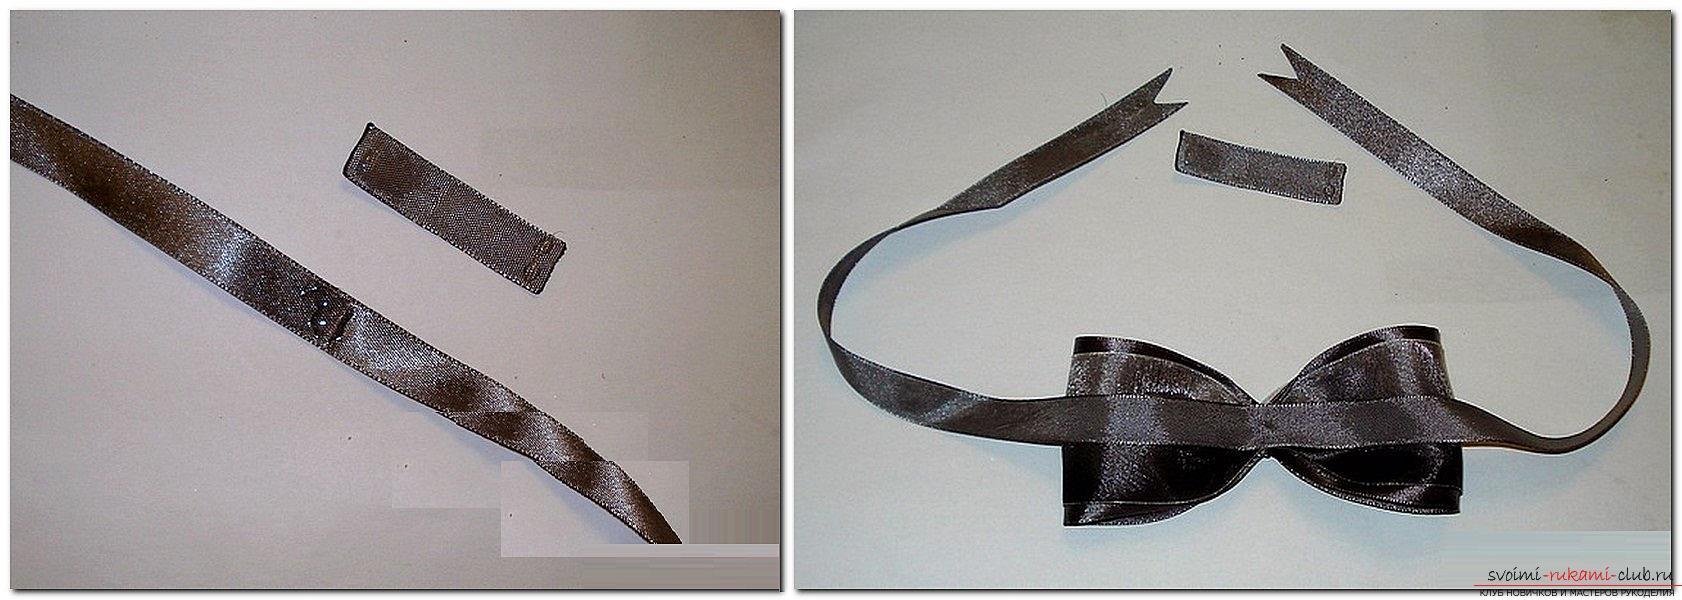 Как сделать галстуки-жабо и галстук-бабочку в технике канзаши, подробные мастер классы с пошаговыми фото и описанием процесса.. Фото №41